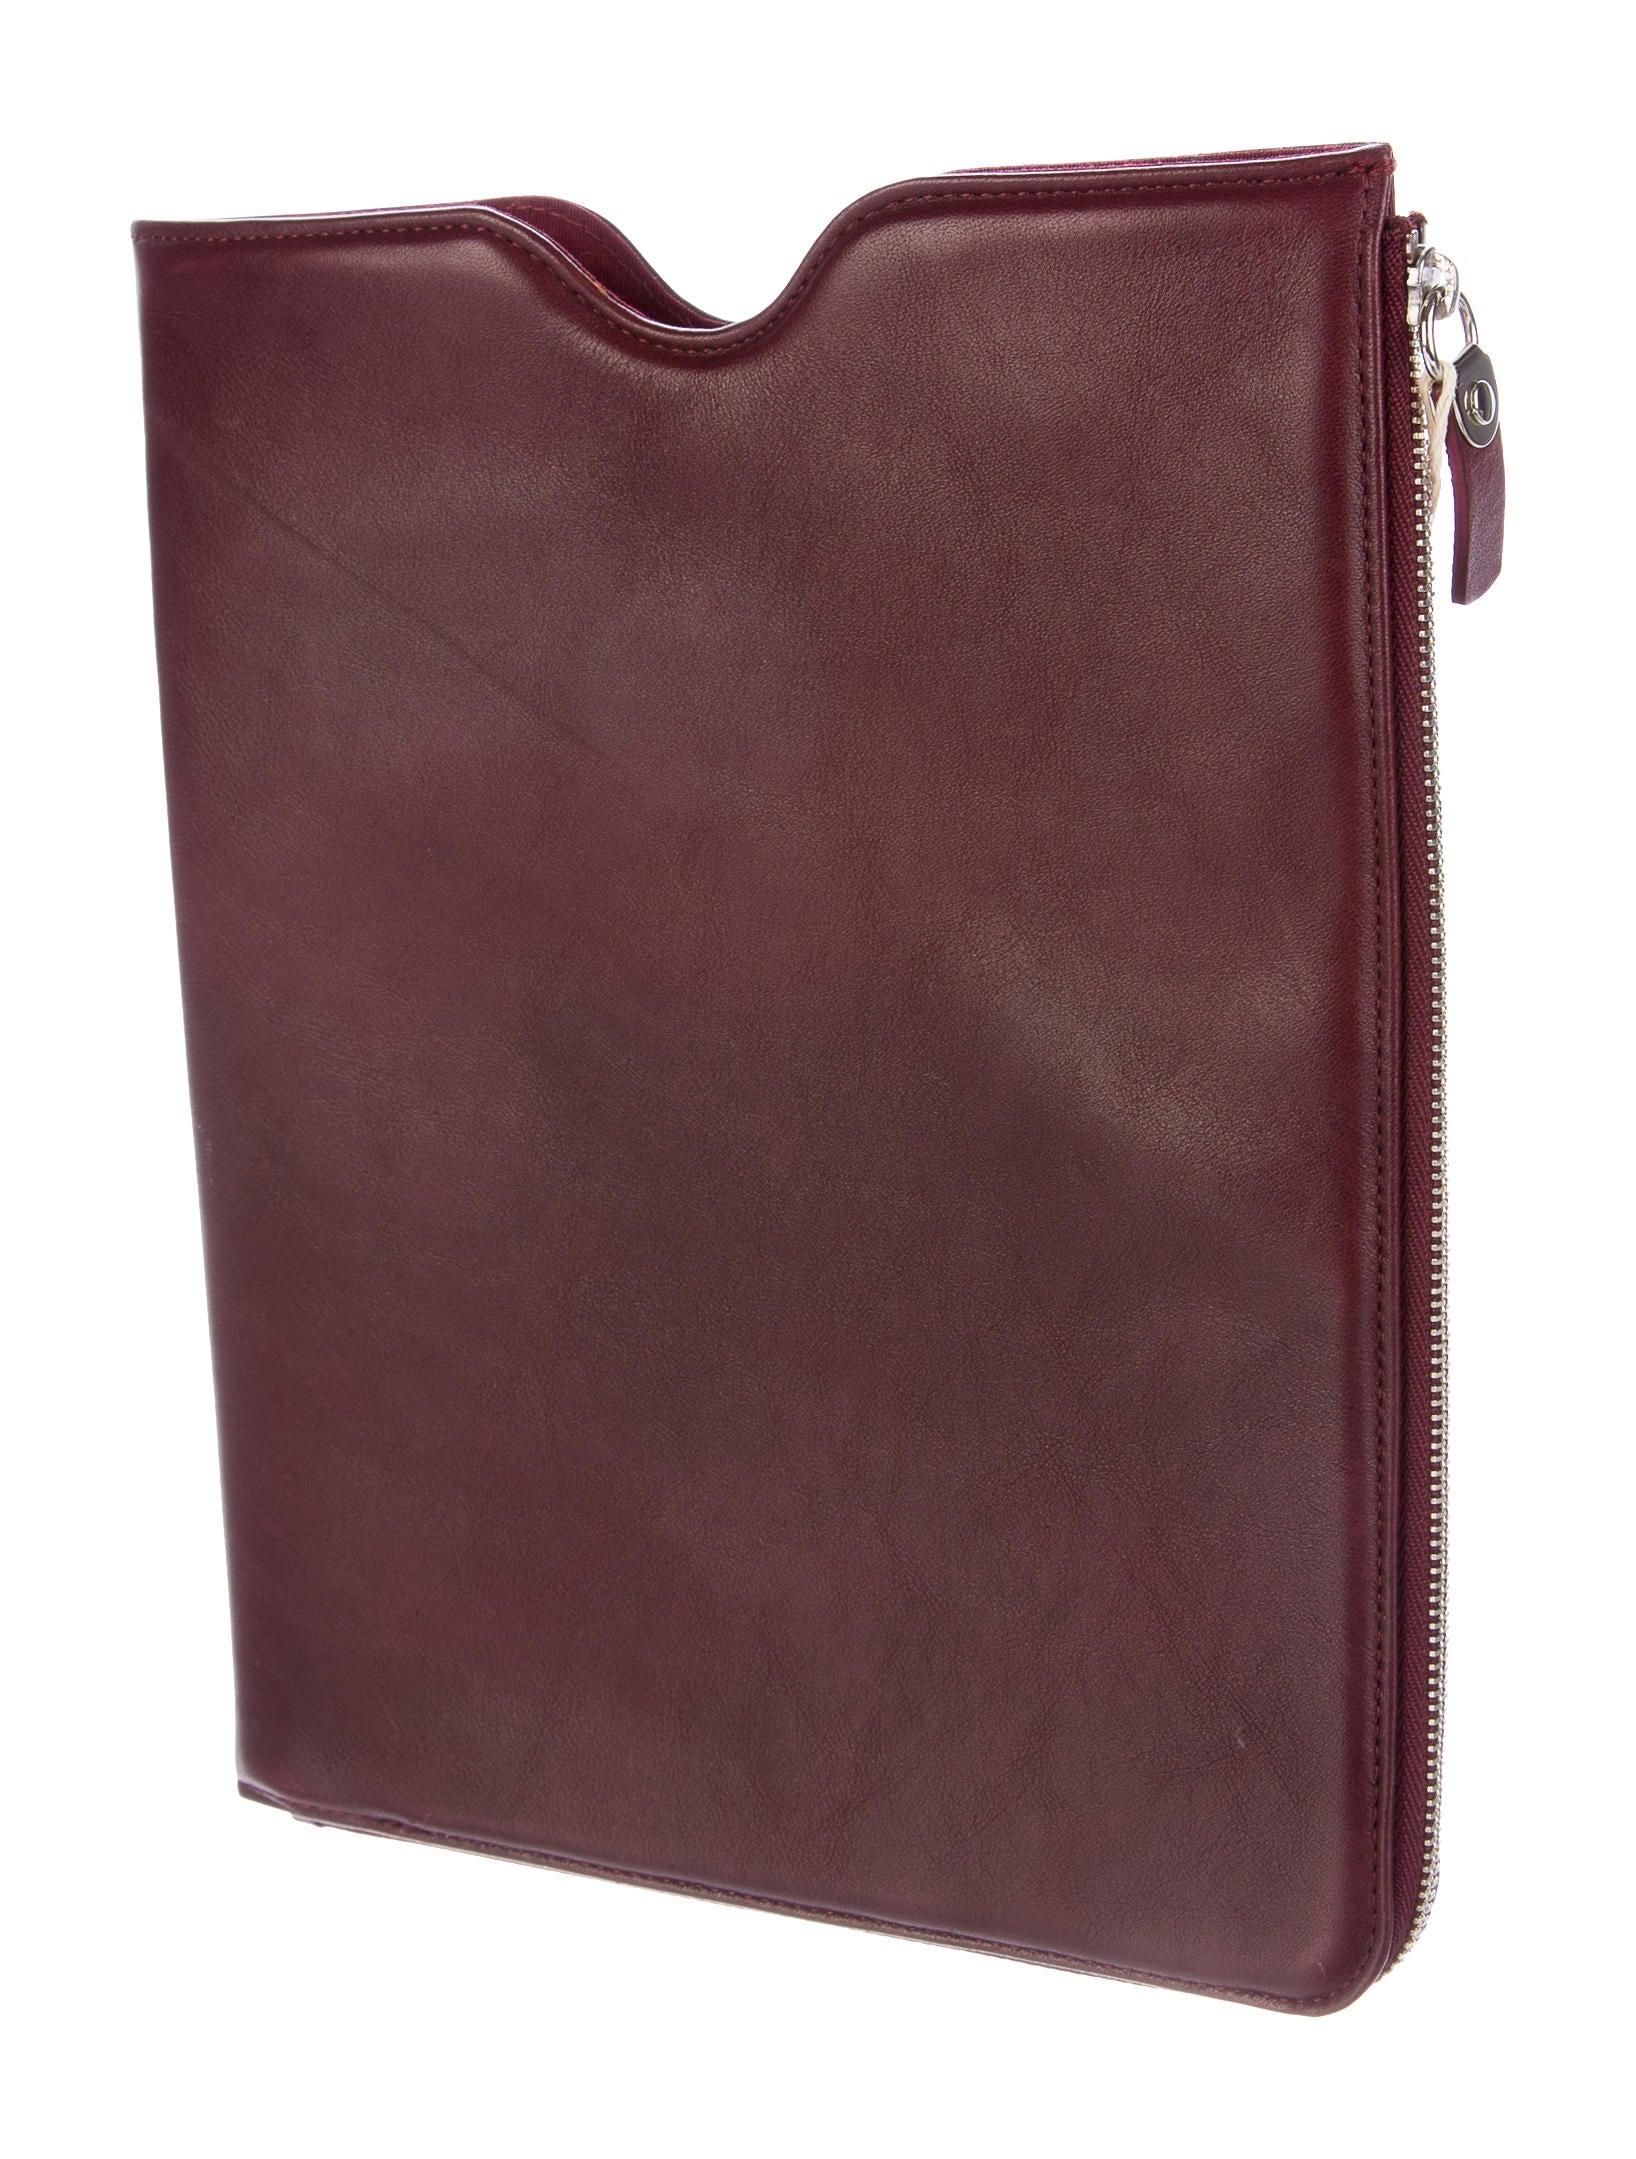 Maison Margiela Leather Ipad 2 Case Technology